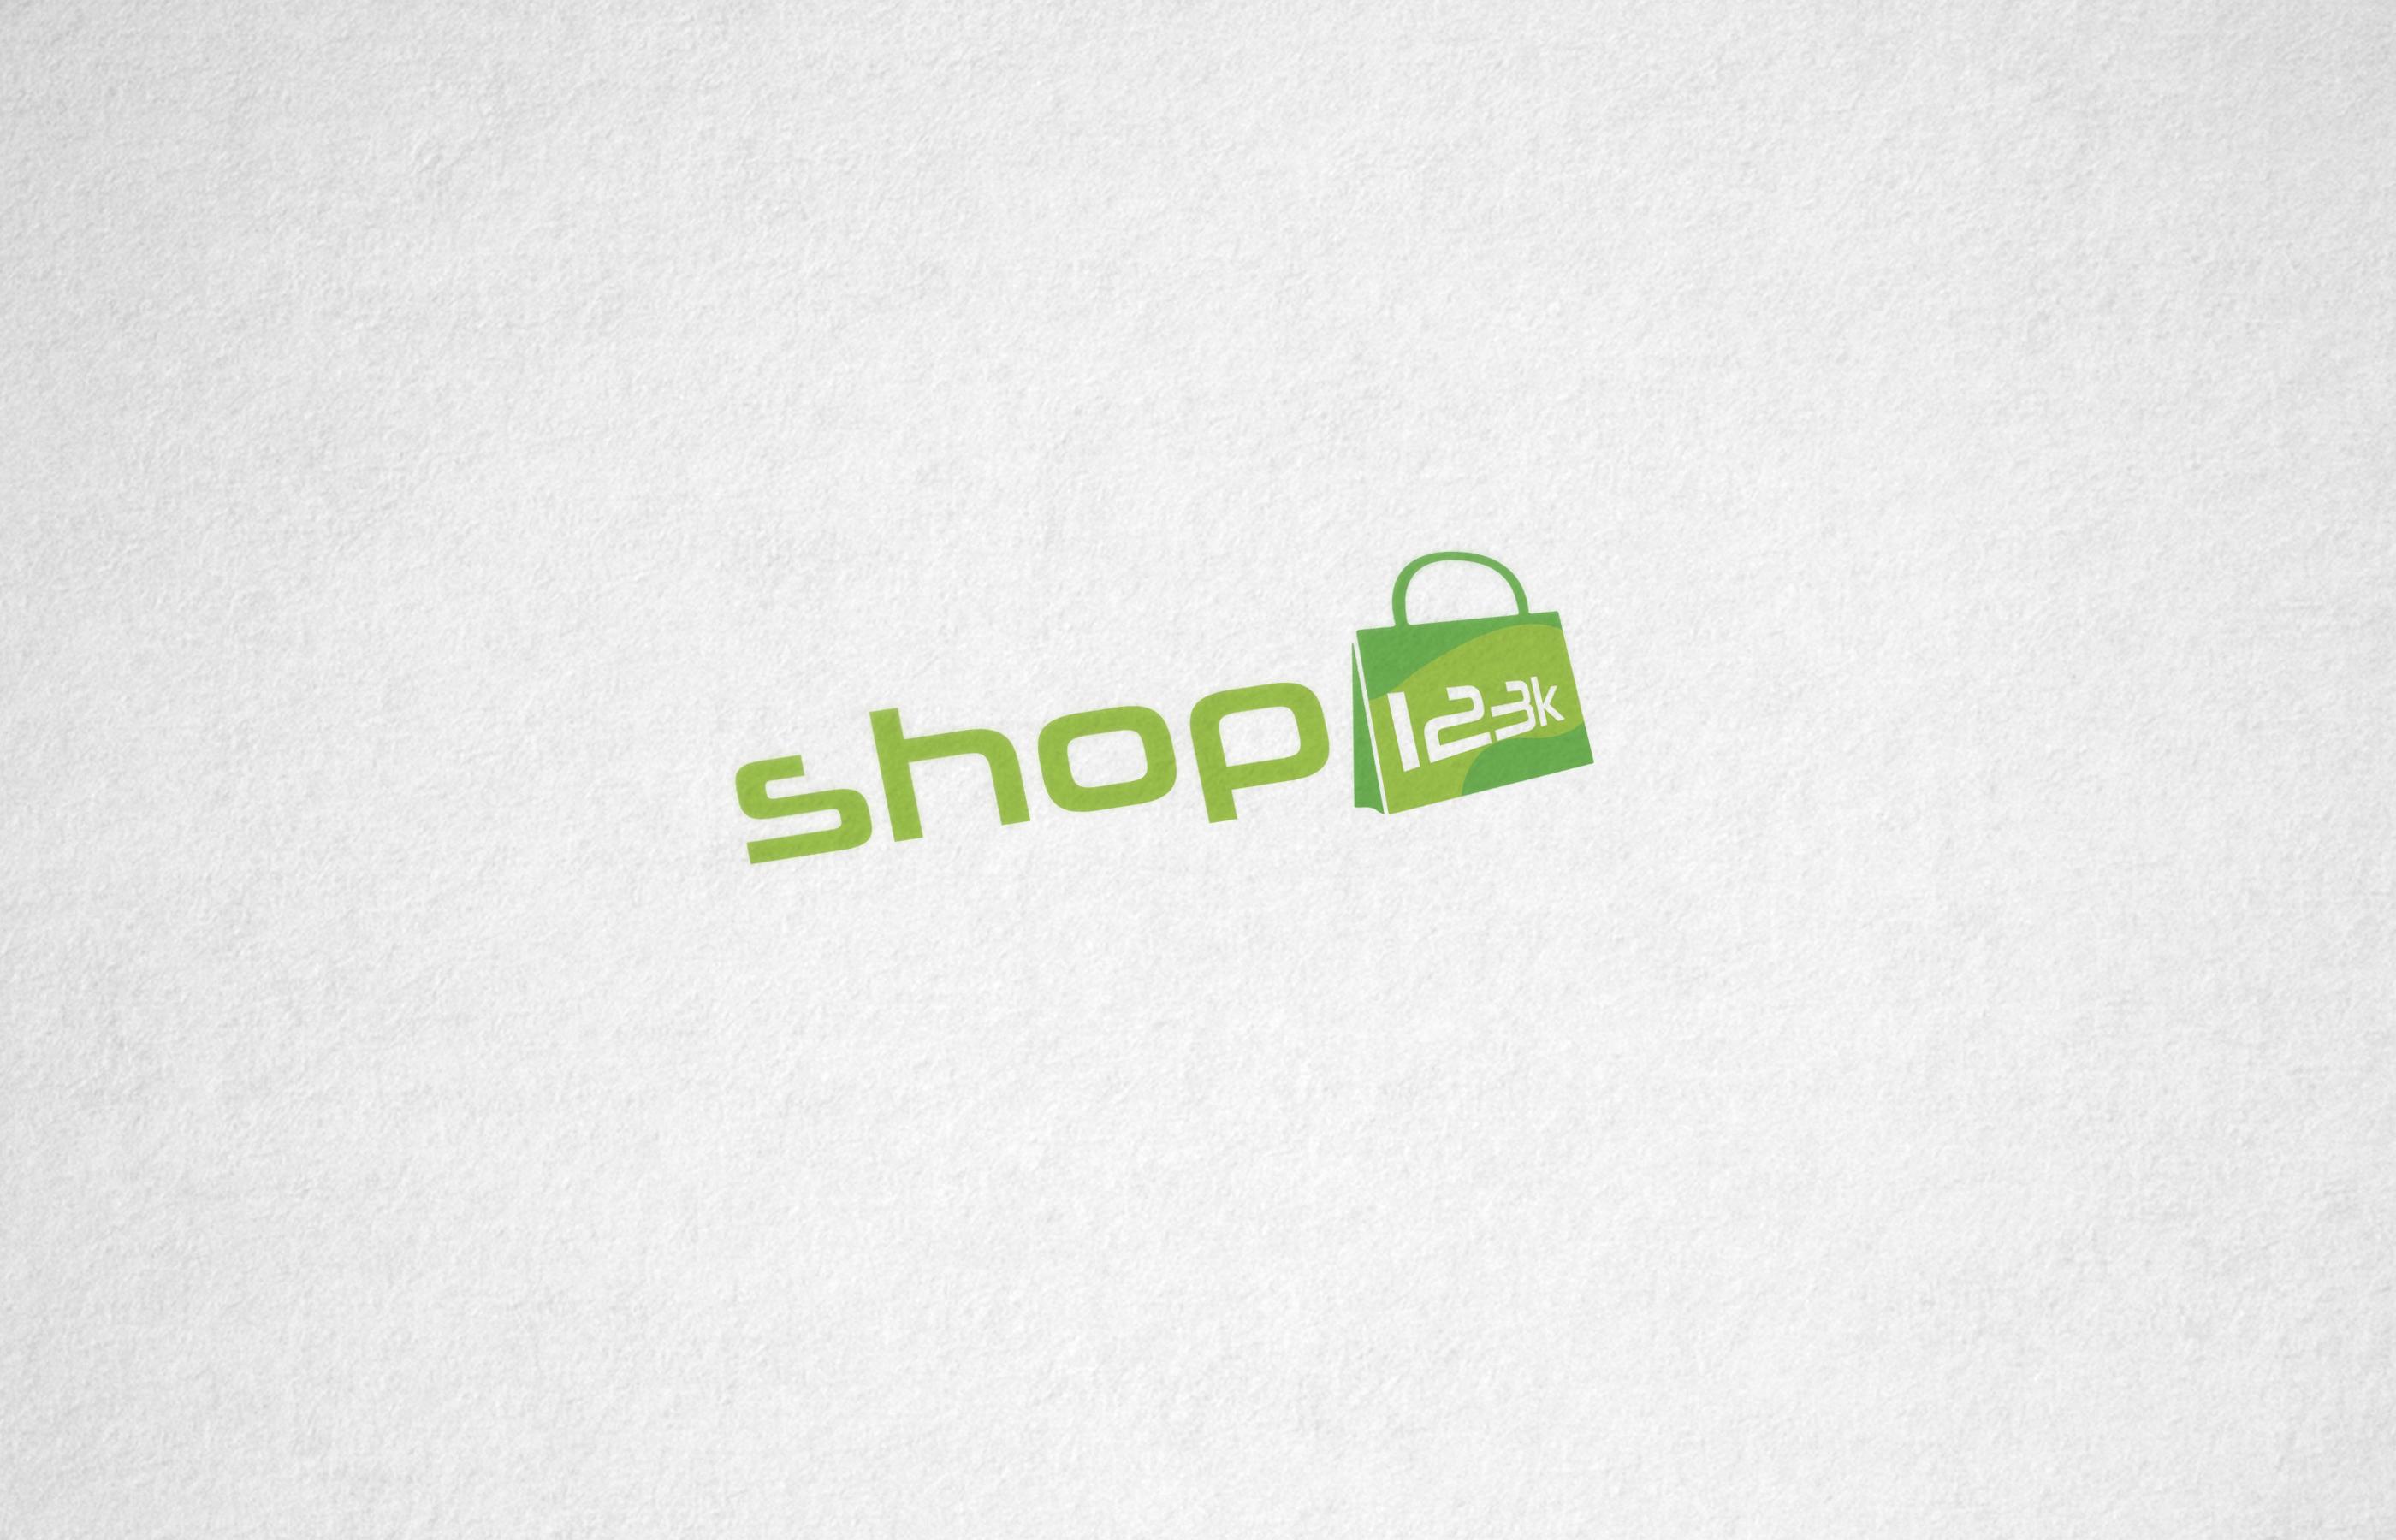 shop123k